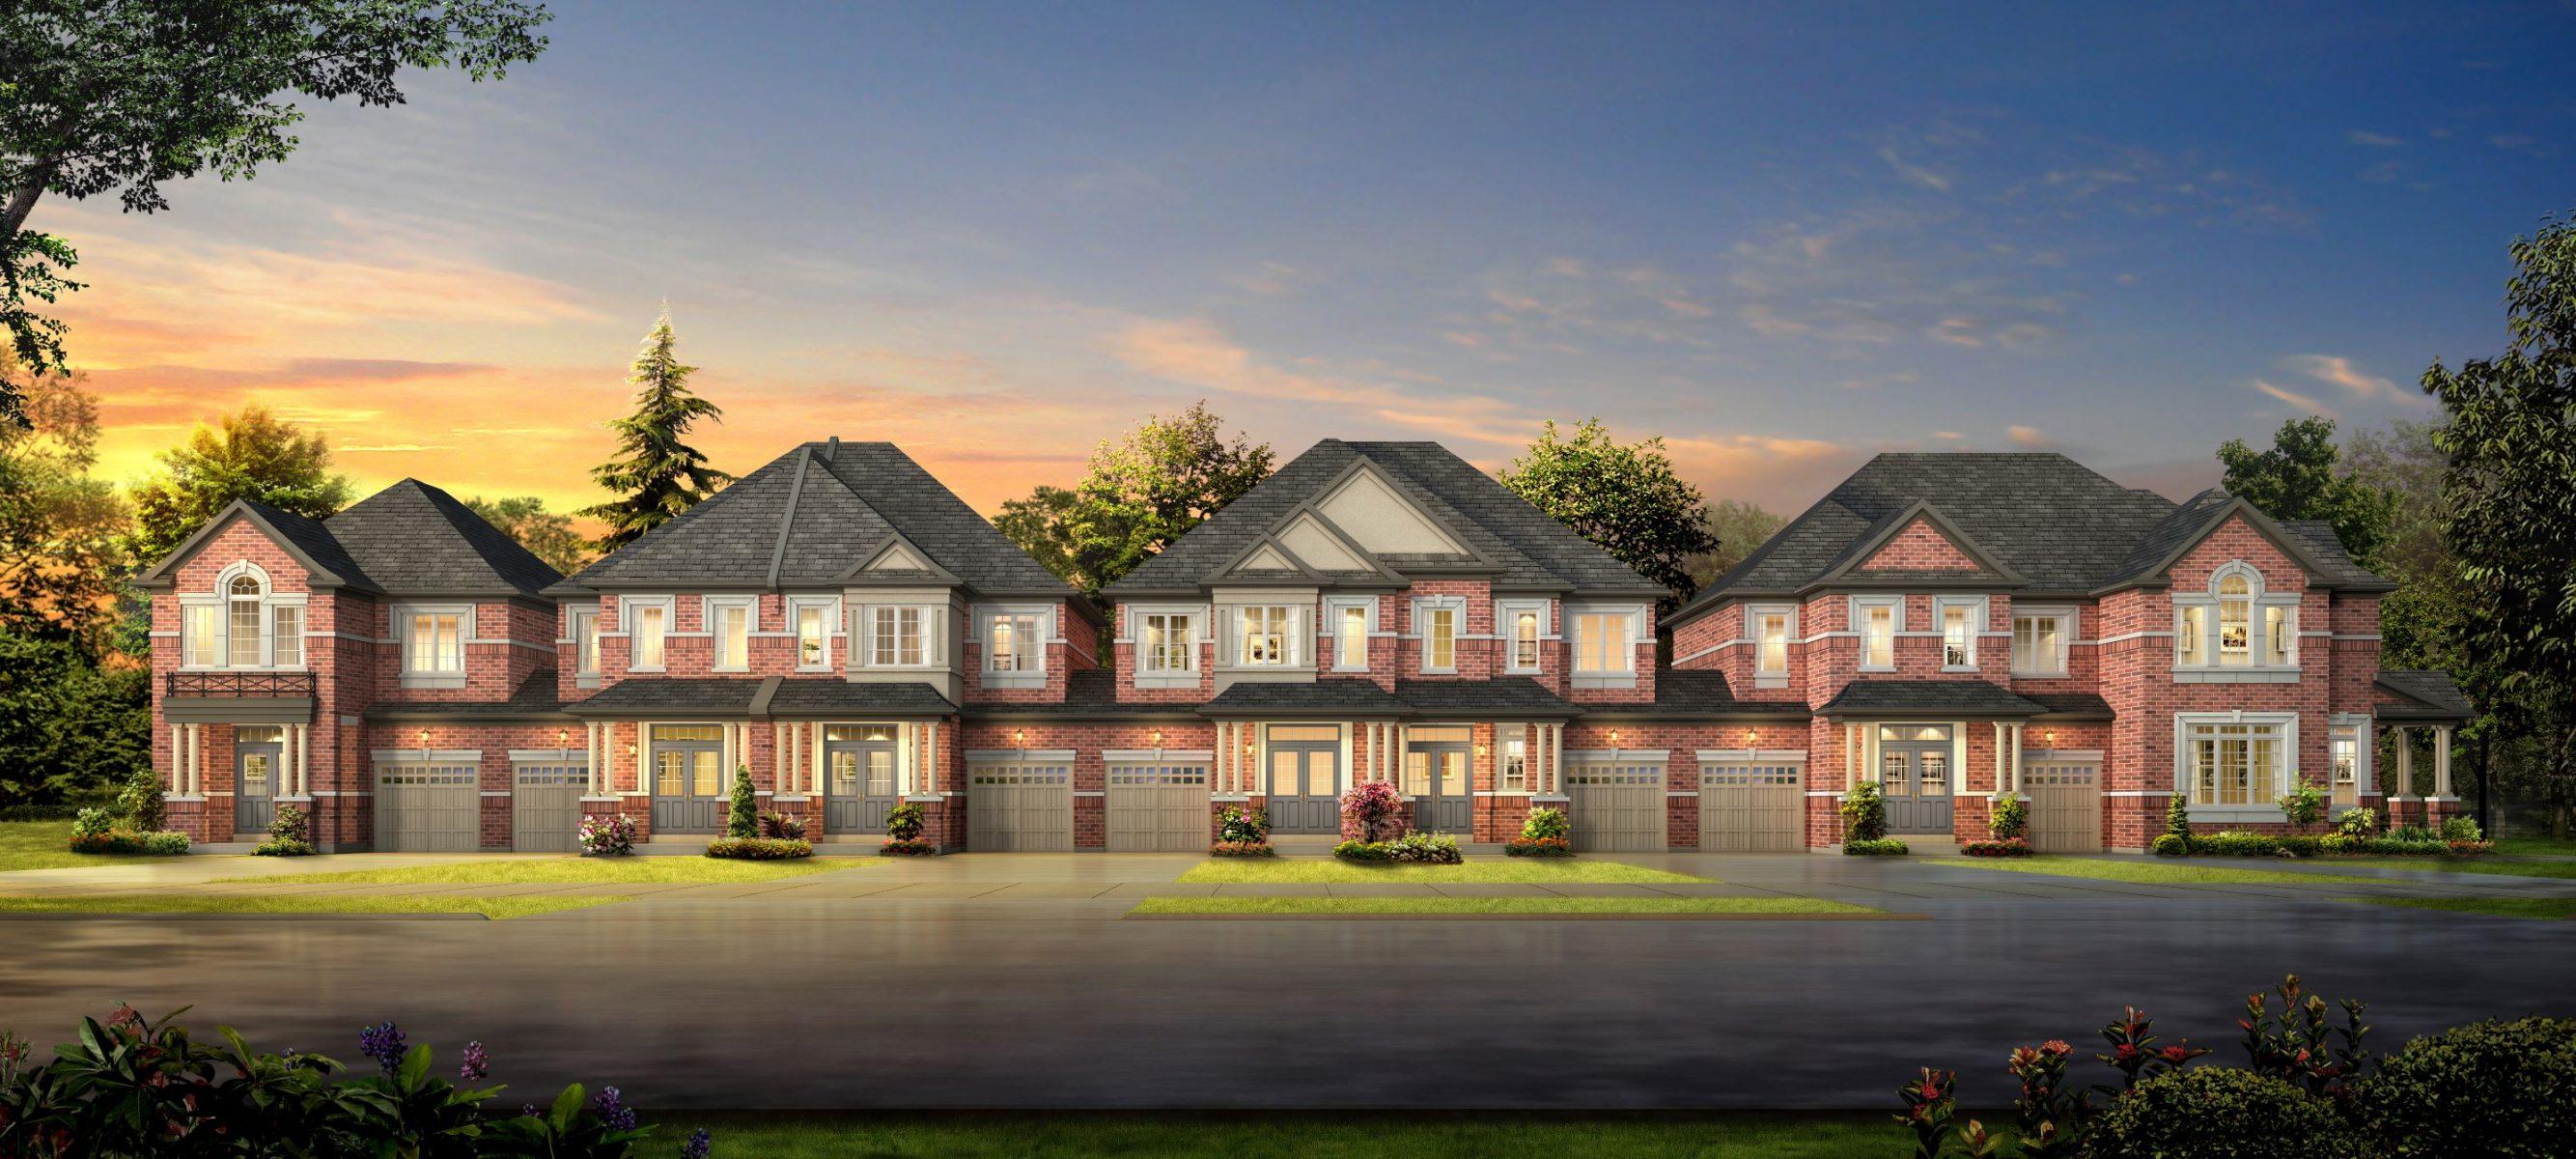 Korsiak Urban Planning - Oakville Portfolio - George Savage Avenue, Infill Development - Oakville, Ontario